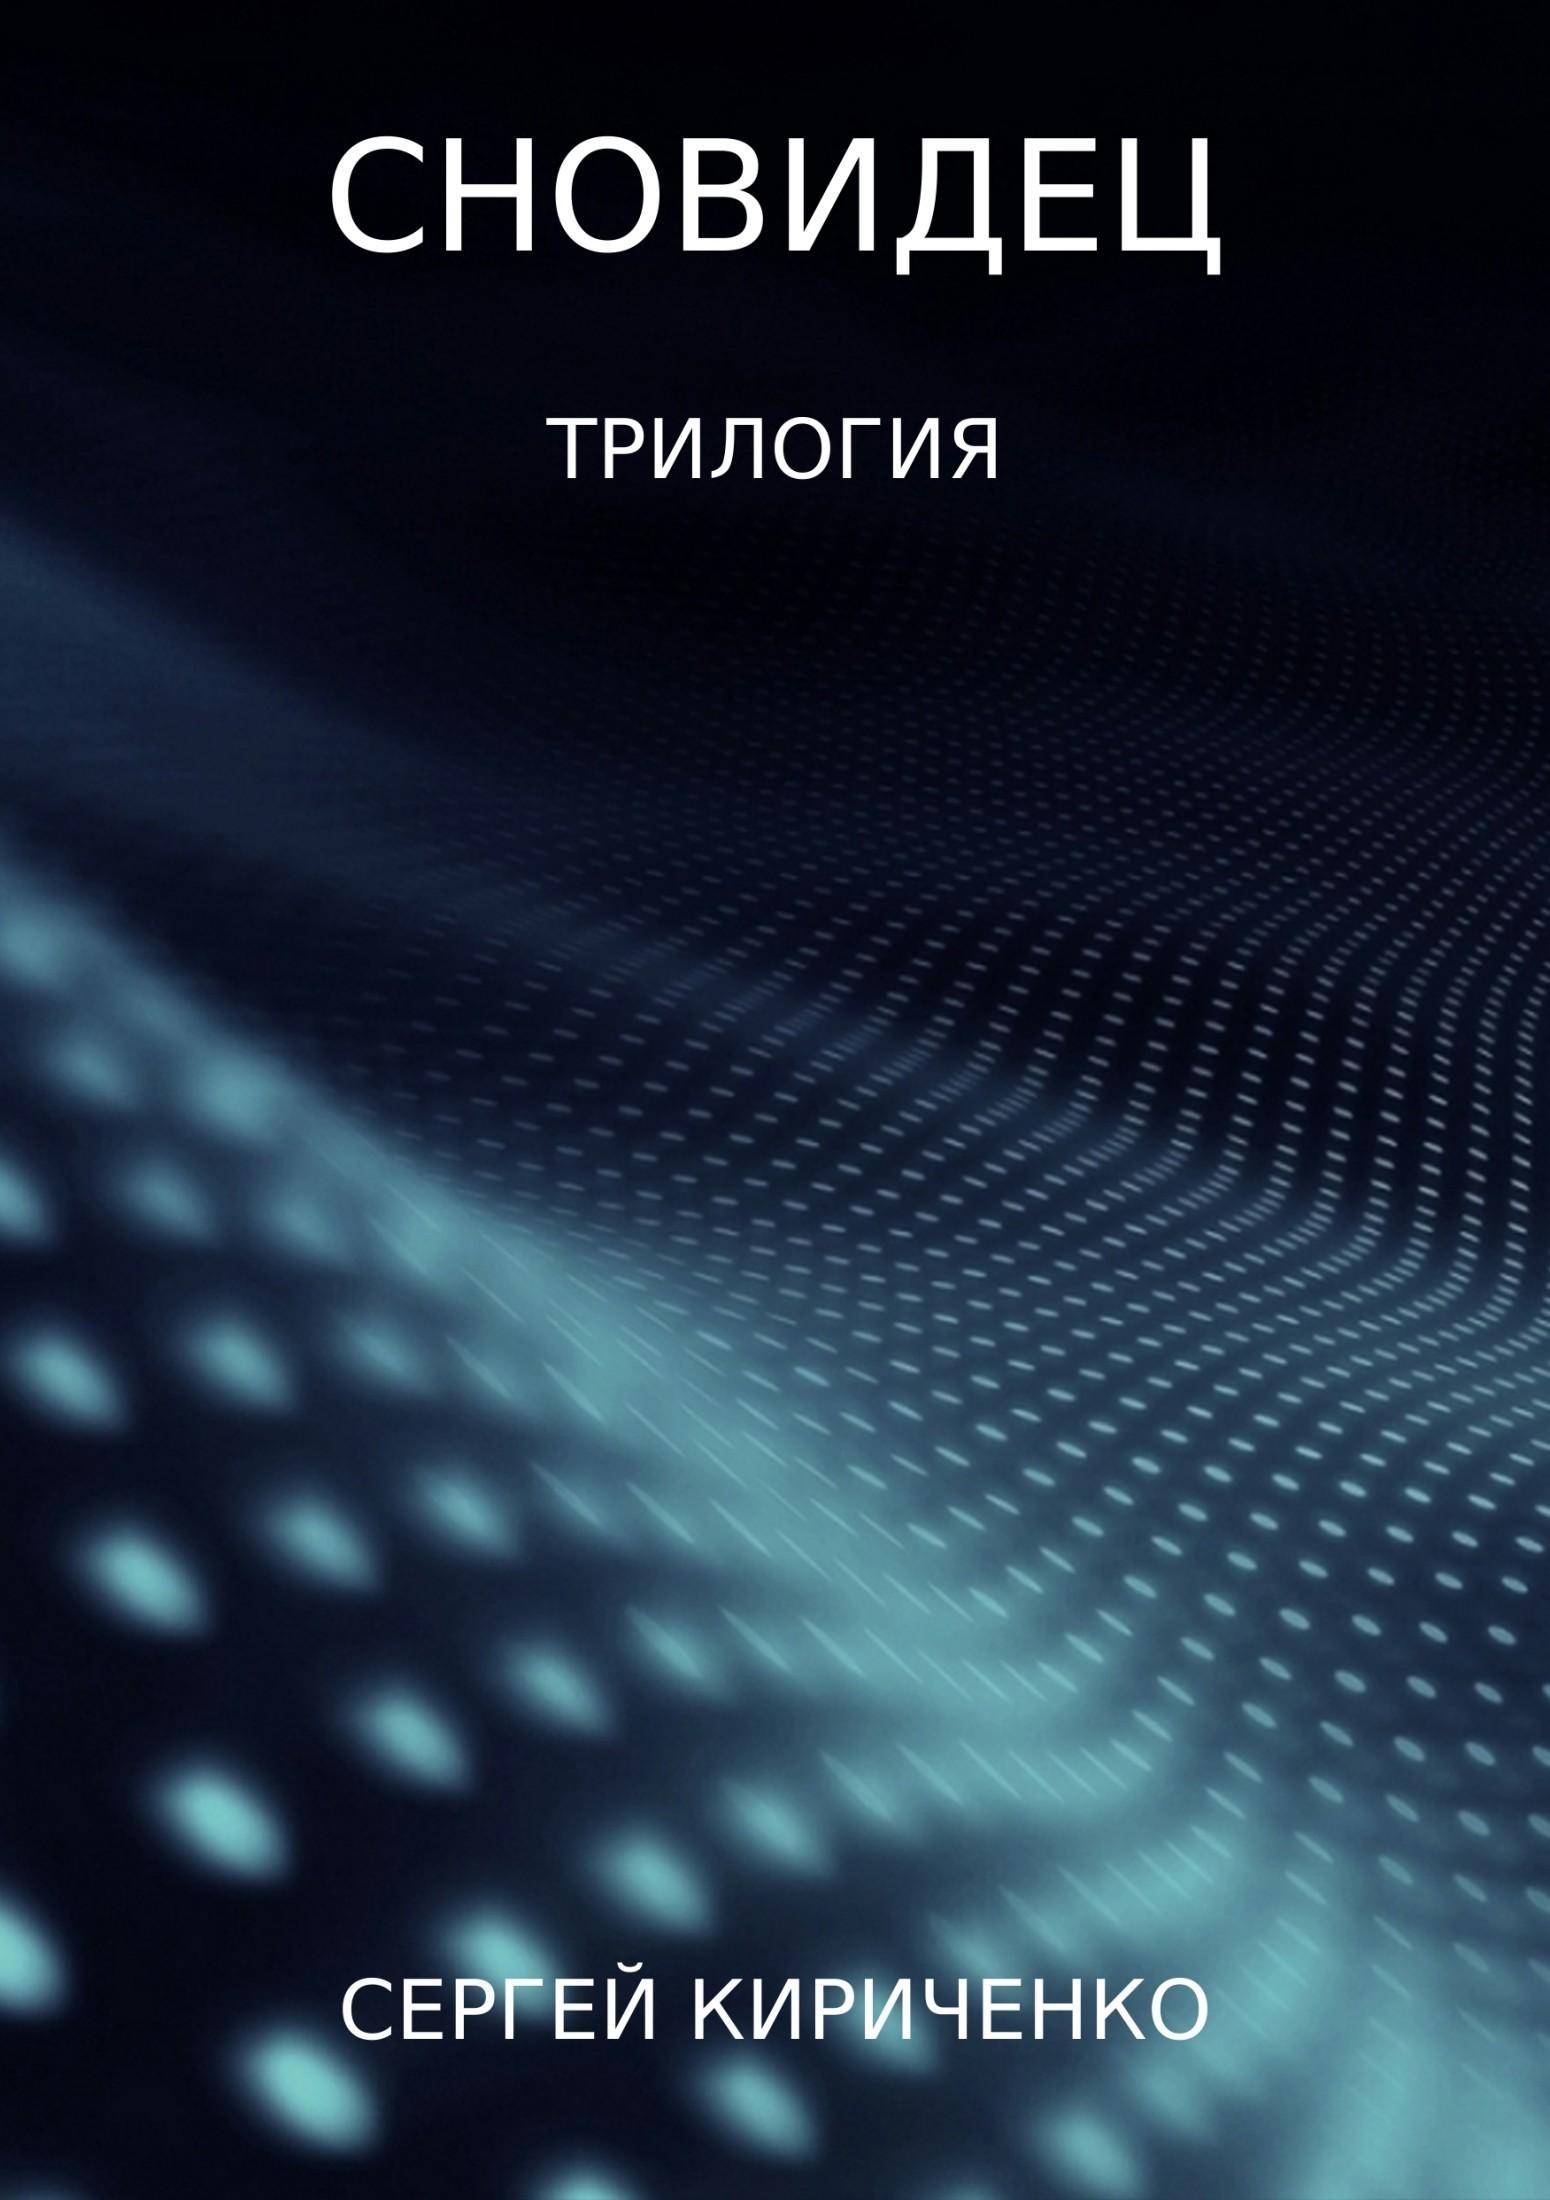 Сергей Кириченко - Сновидец. Трилогия